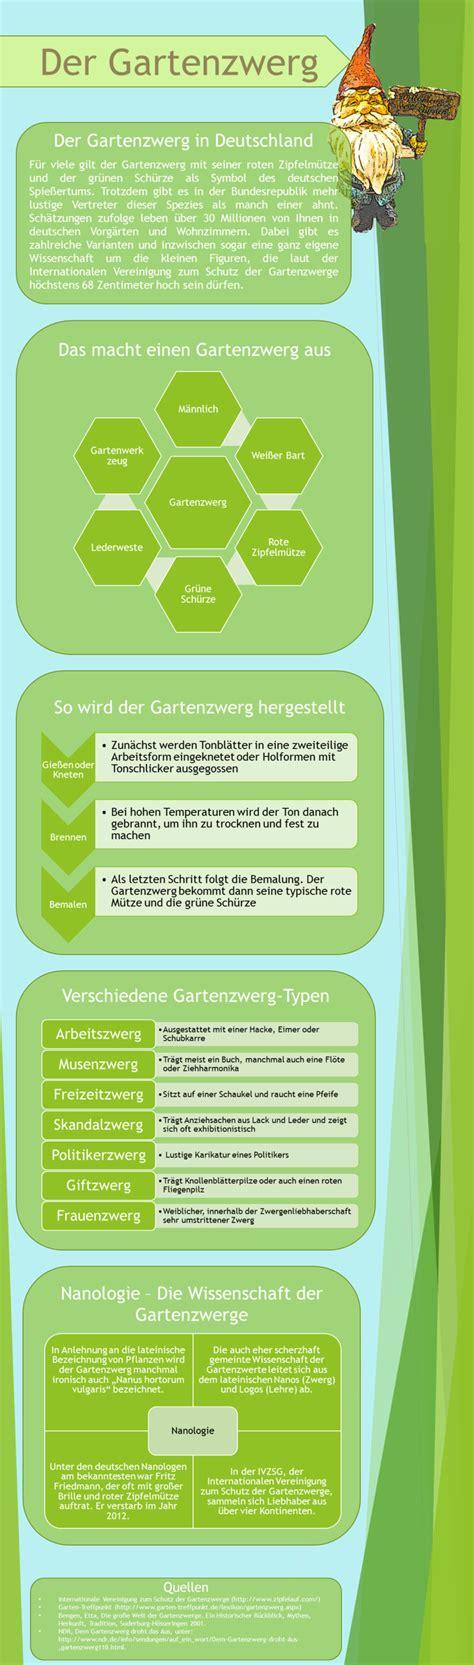 Der Deutsche Gartenzwerg by Deutschlands Gartenzwerge Die Infografik